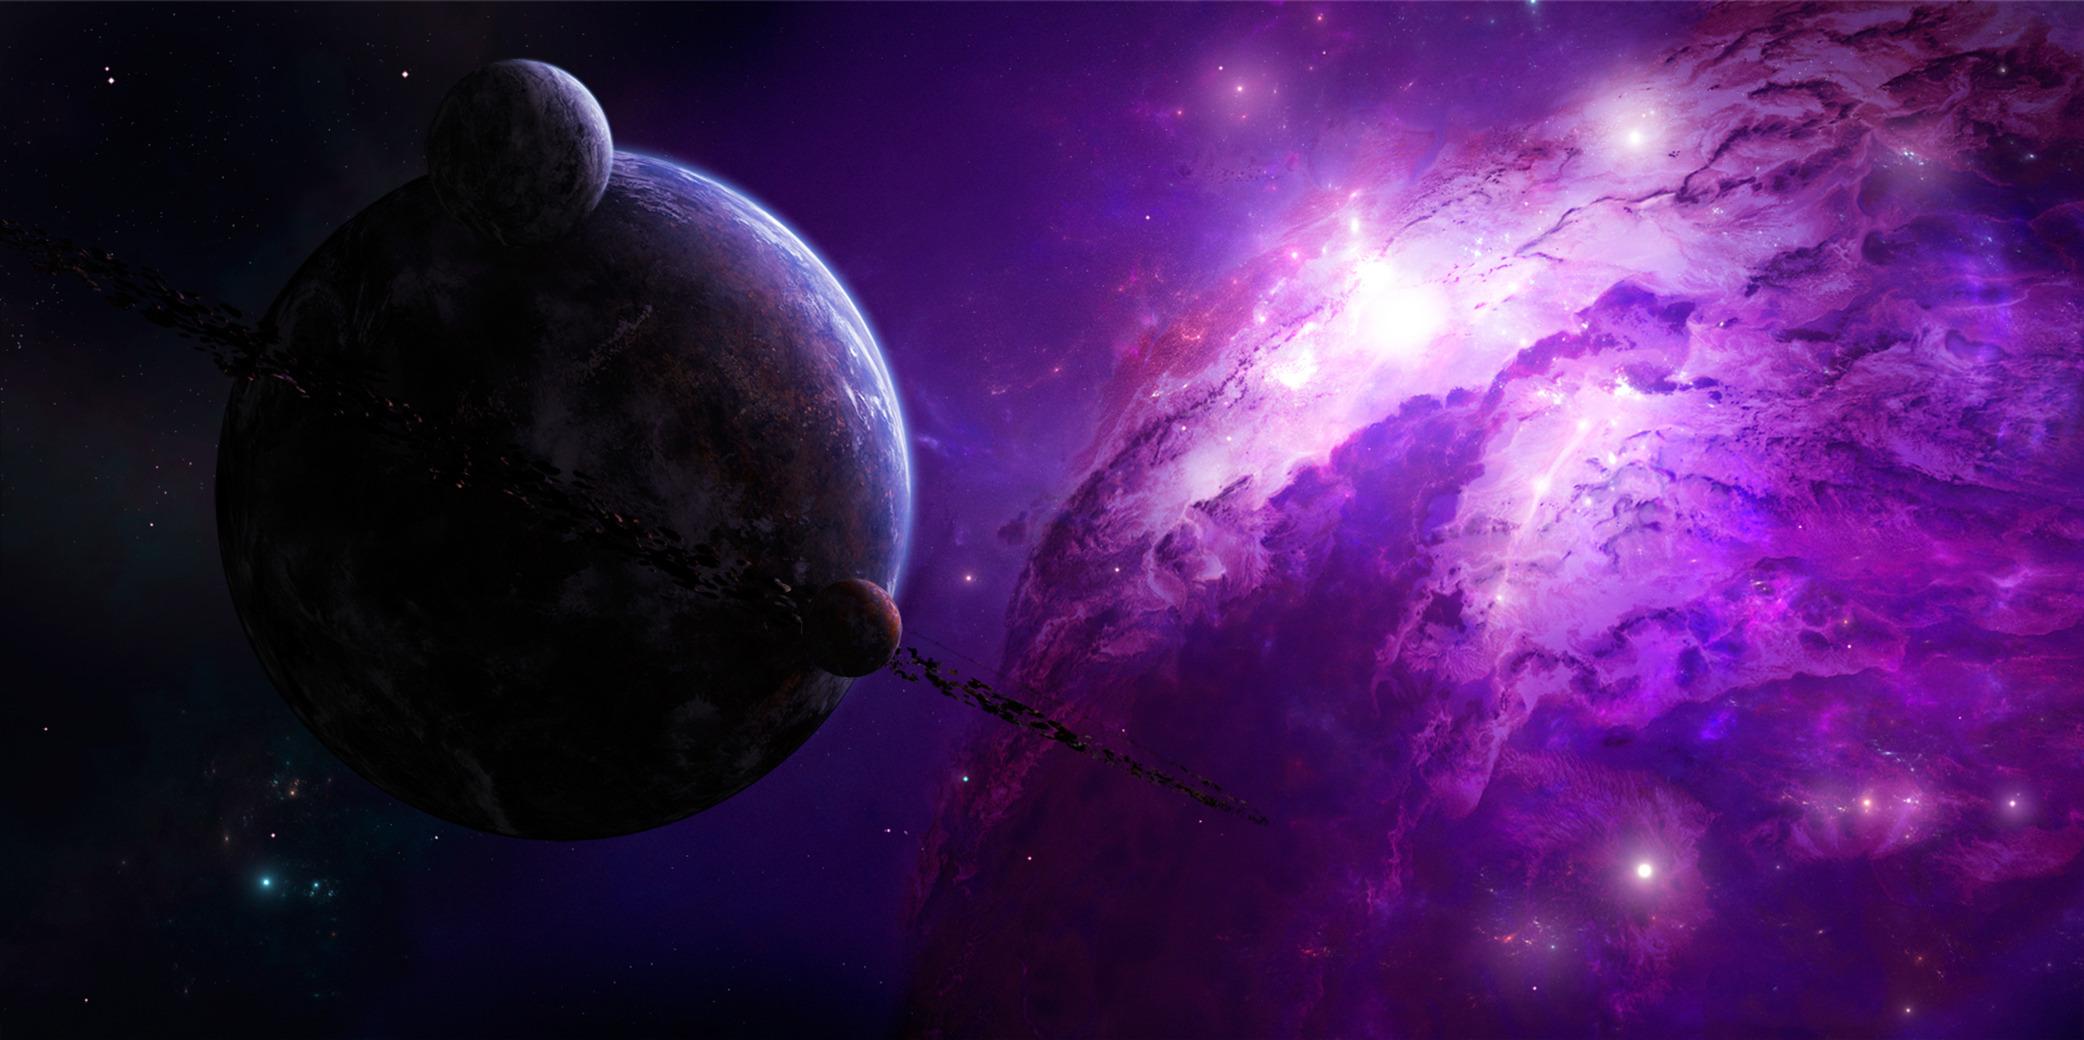 Обои планета вселенная картинки на рабочий стол на тему Космос - скачать без смс